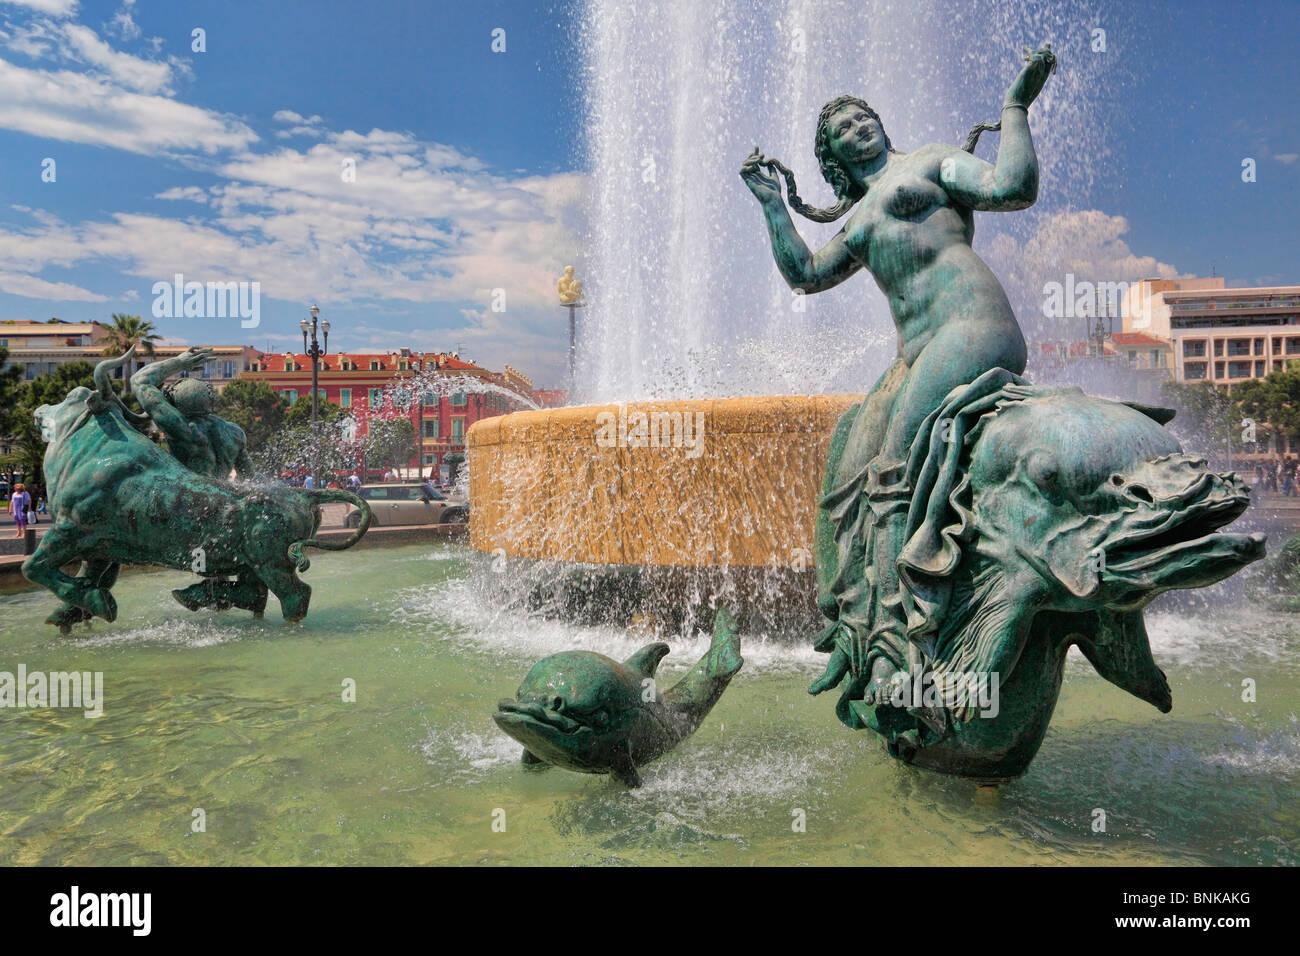 Fontane di Place Massena nel centro di Nizza sulla Costa Azzurra (Cote d'Azur) Immagini Stock